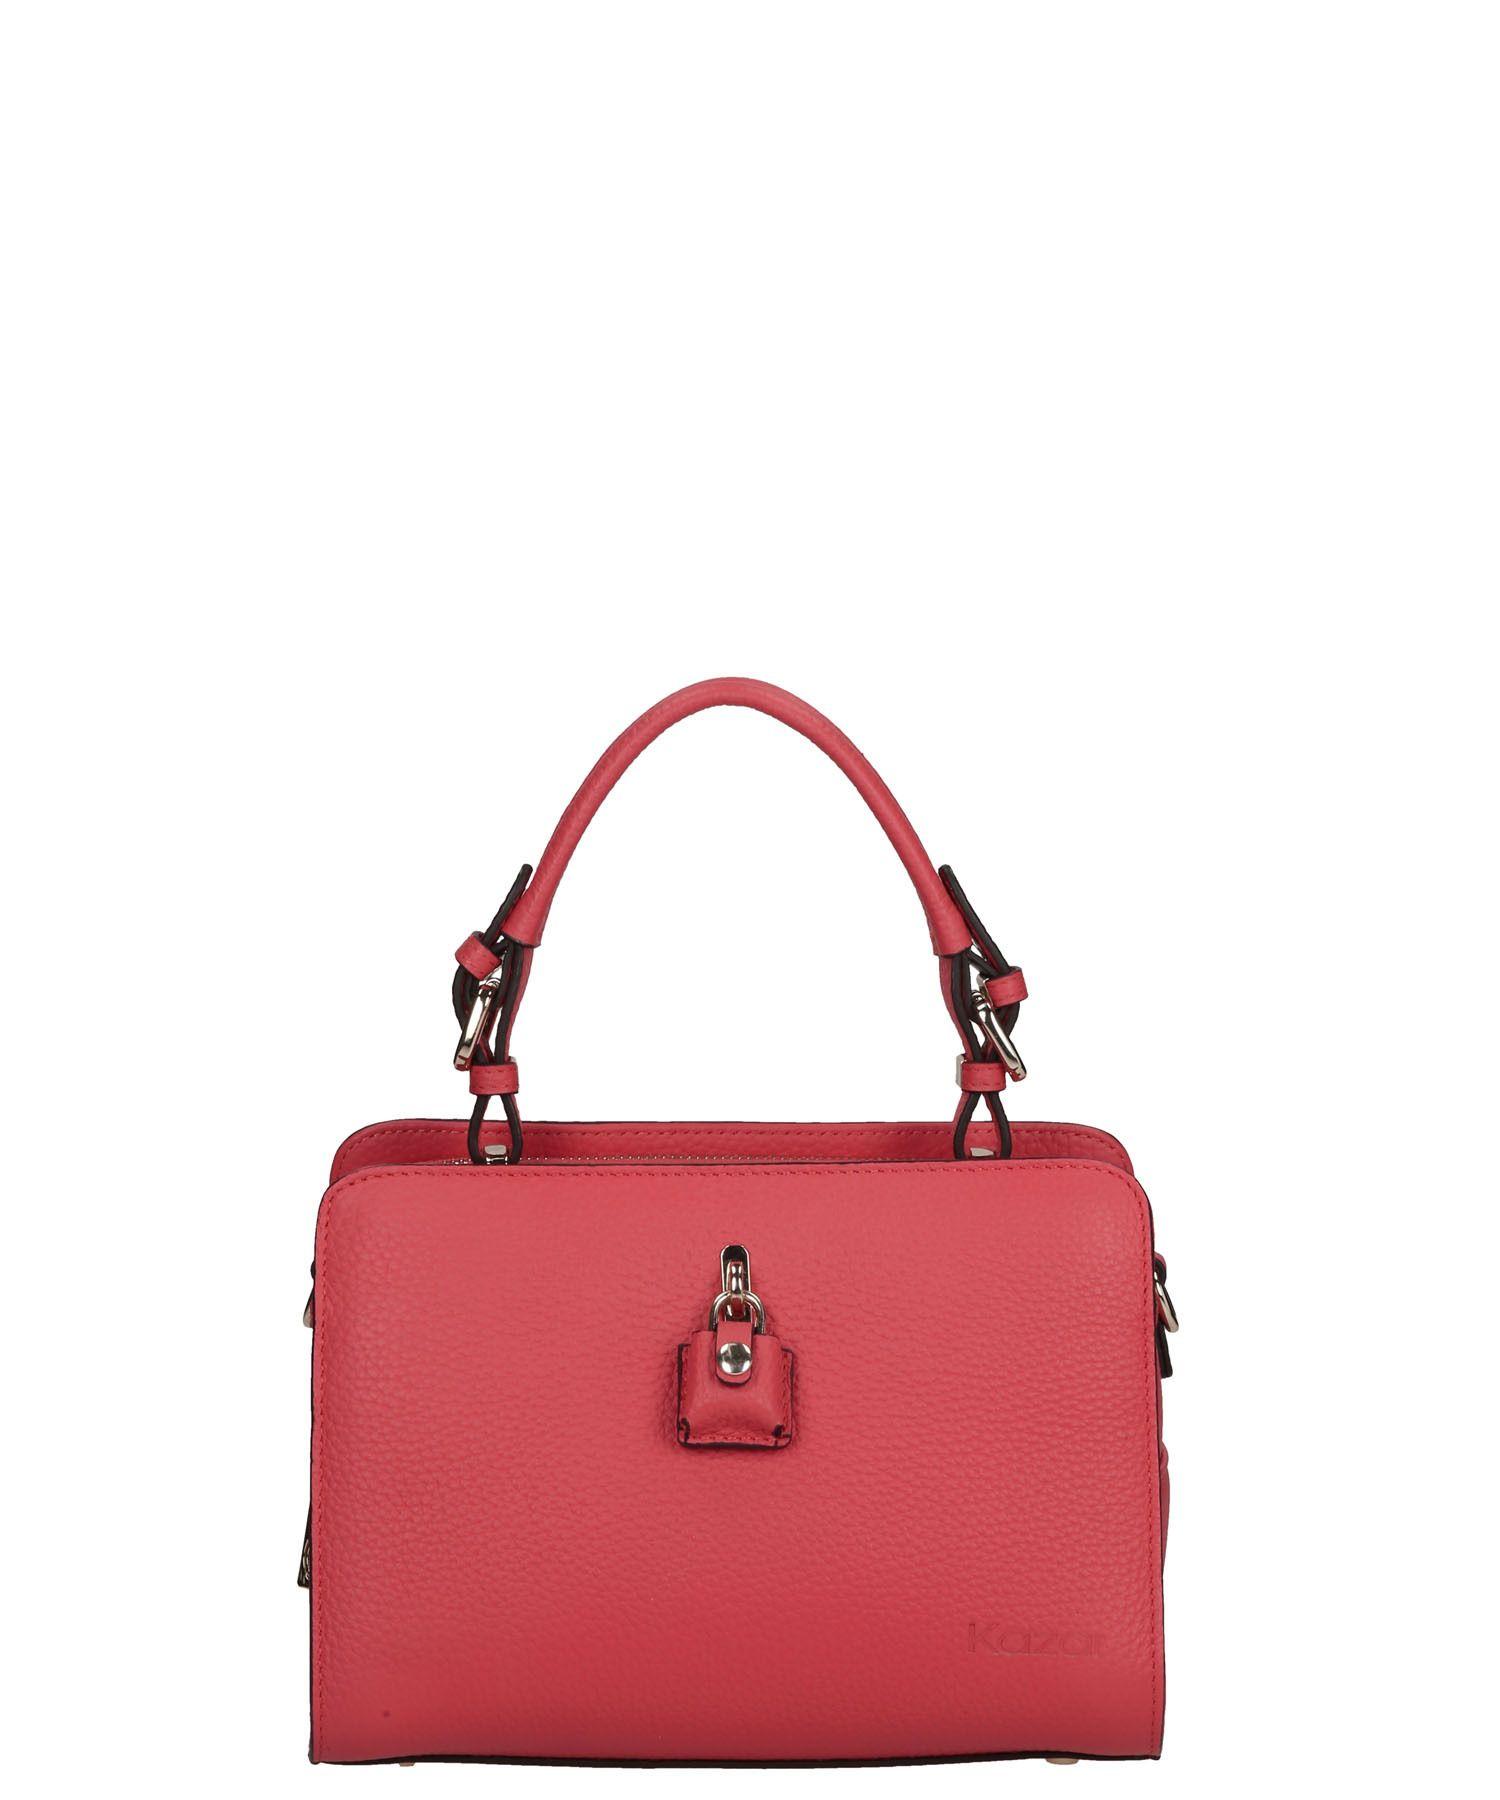 Rozowa Torebka Skorzana 25317 19923 01 05 Z Kolekcji 2015 Sklep Internetowy Kazar Bags Top Handle Bag Fashion